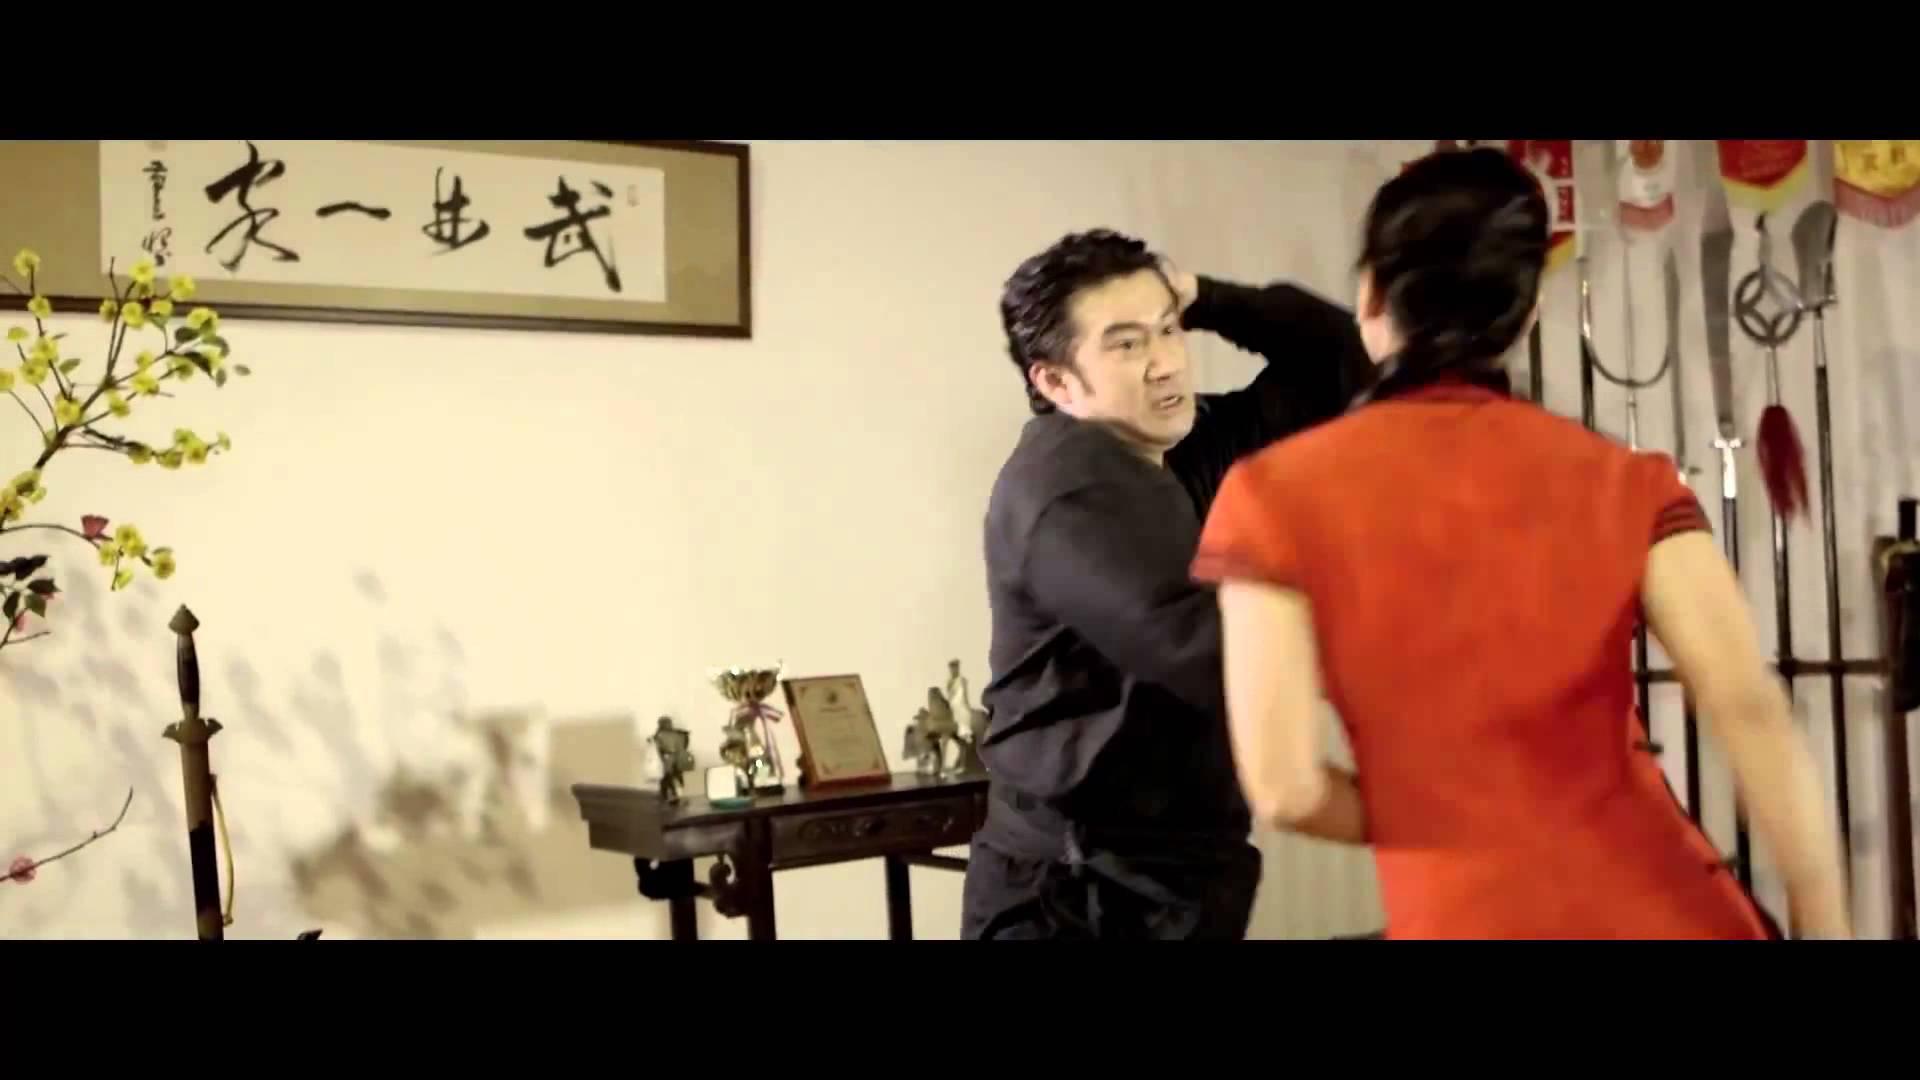 """挑戰書 """"The Challenge Letter"""" Sneak Peek of Fight scene between Jen & Tomioka"""